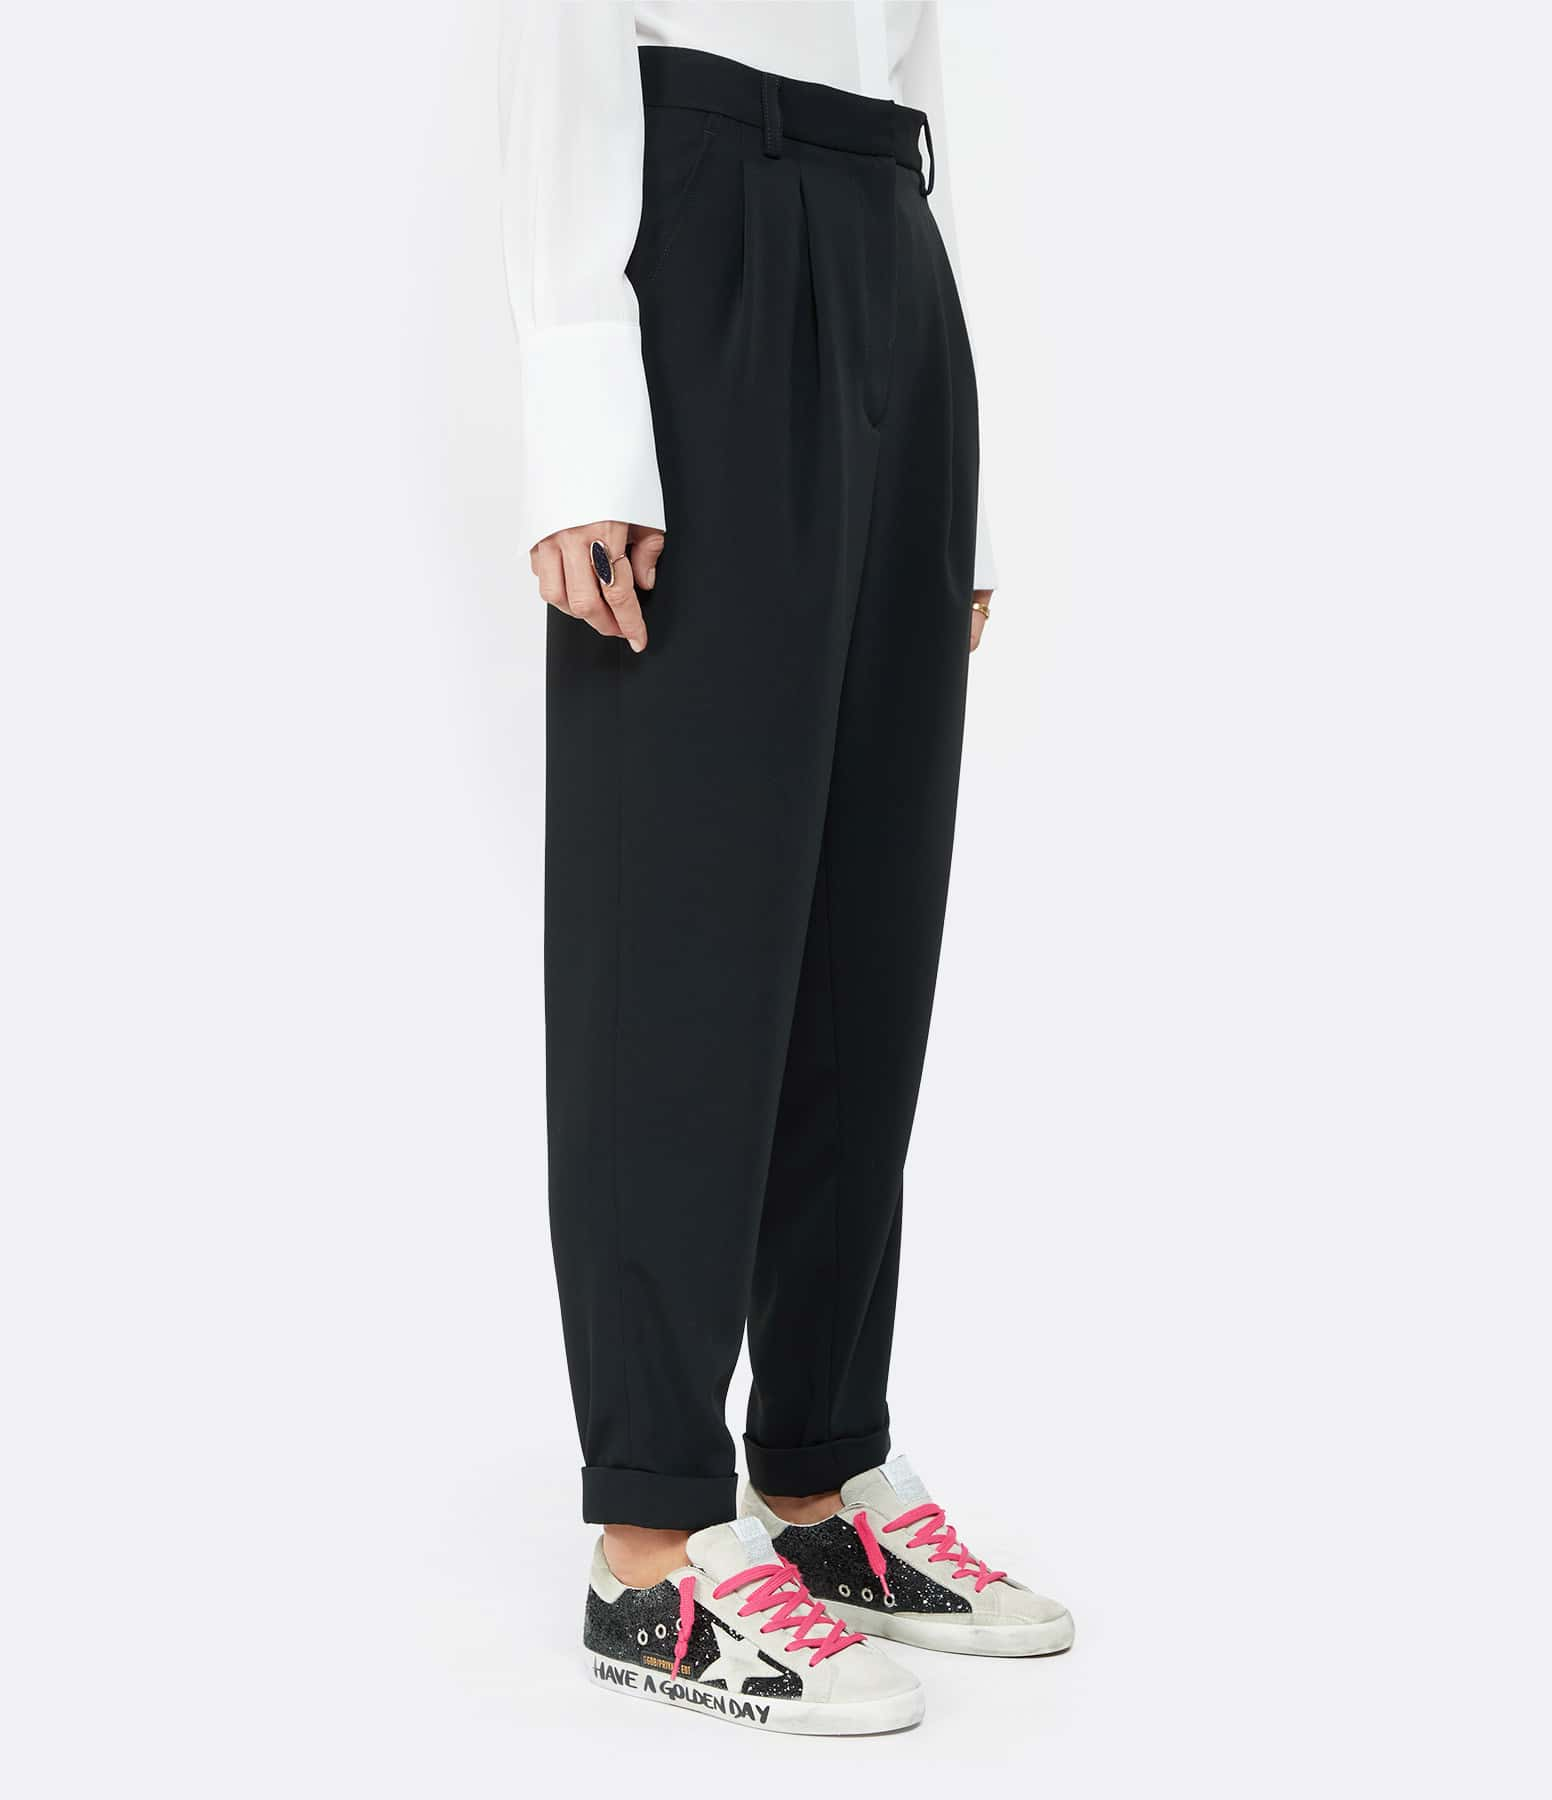 MM6 MAISON MARGIELA - Pantalon Loose Noir